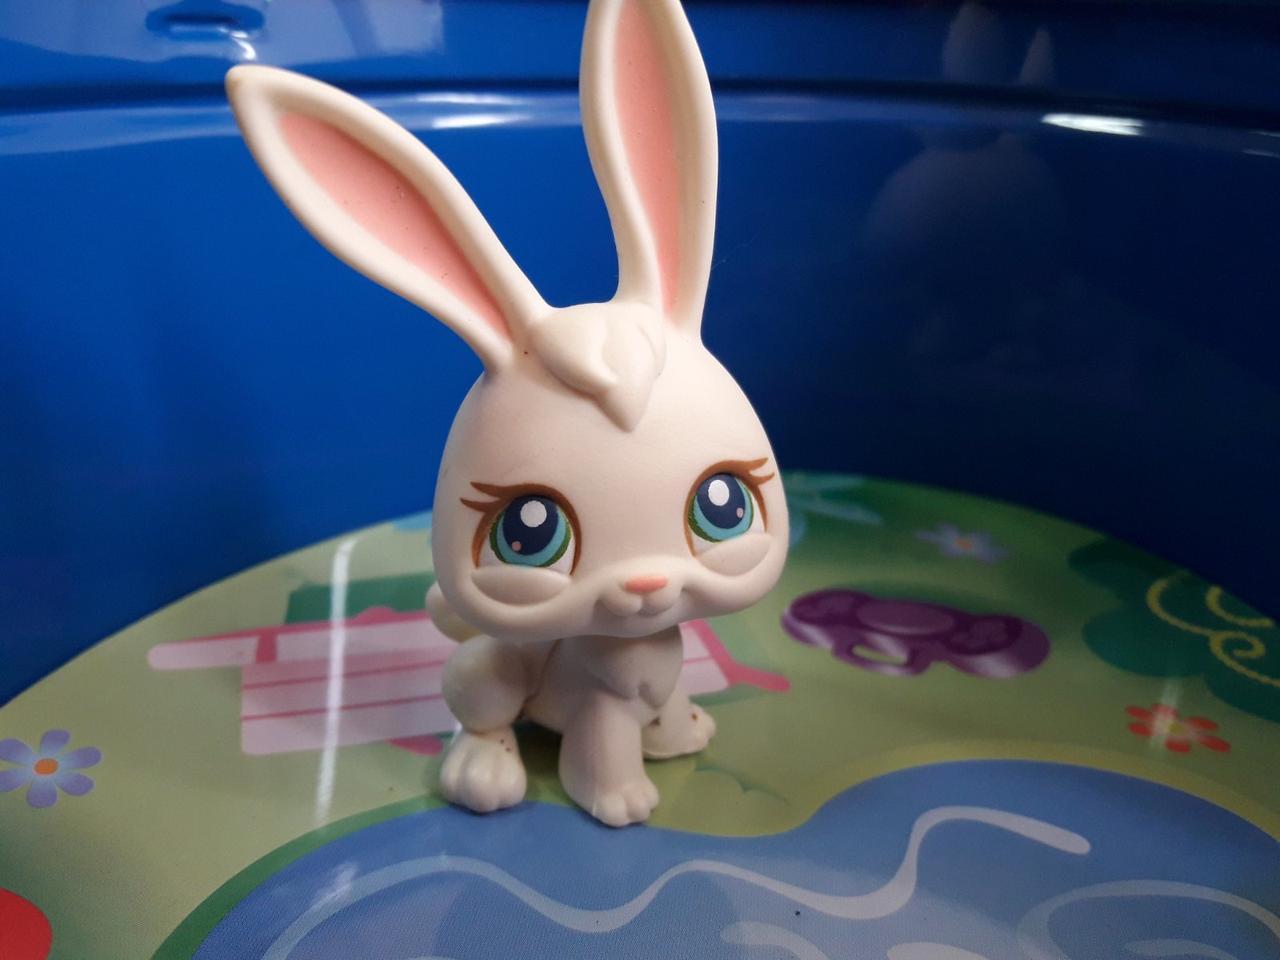 Lps littlest pet shop - лпс кролик #3 Hasbro старая коллекция